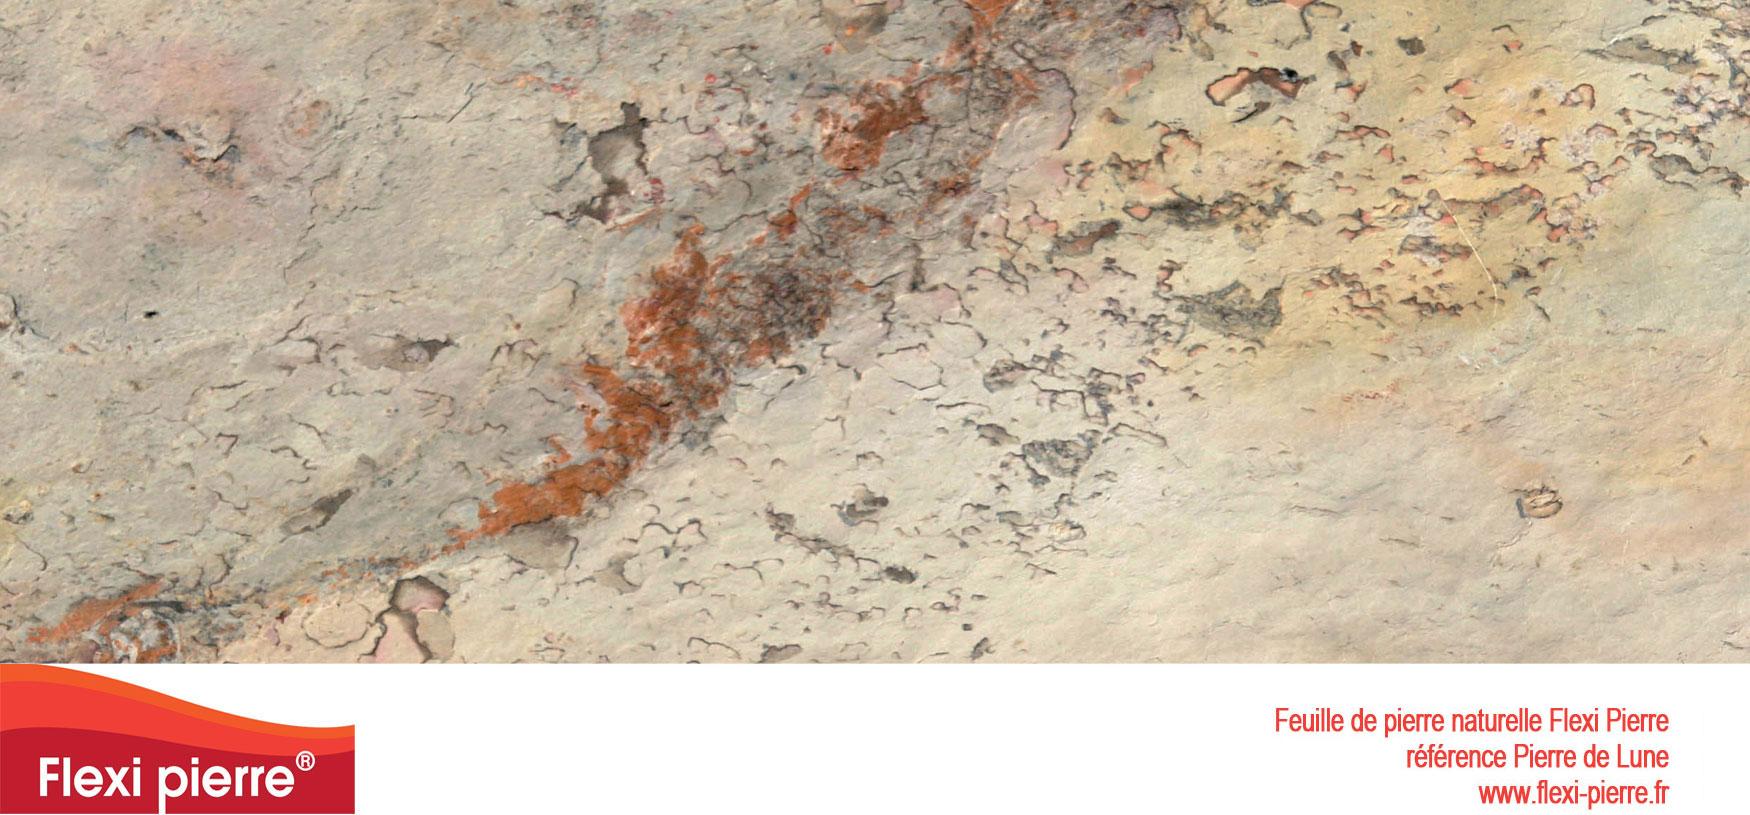 Feuille de pierre Flexi-Pierre, référence Pierre de Lune. Cliquez pour agrandir.